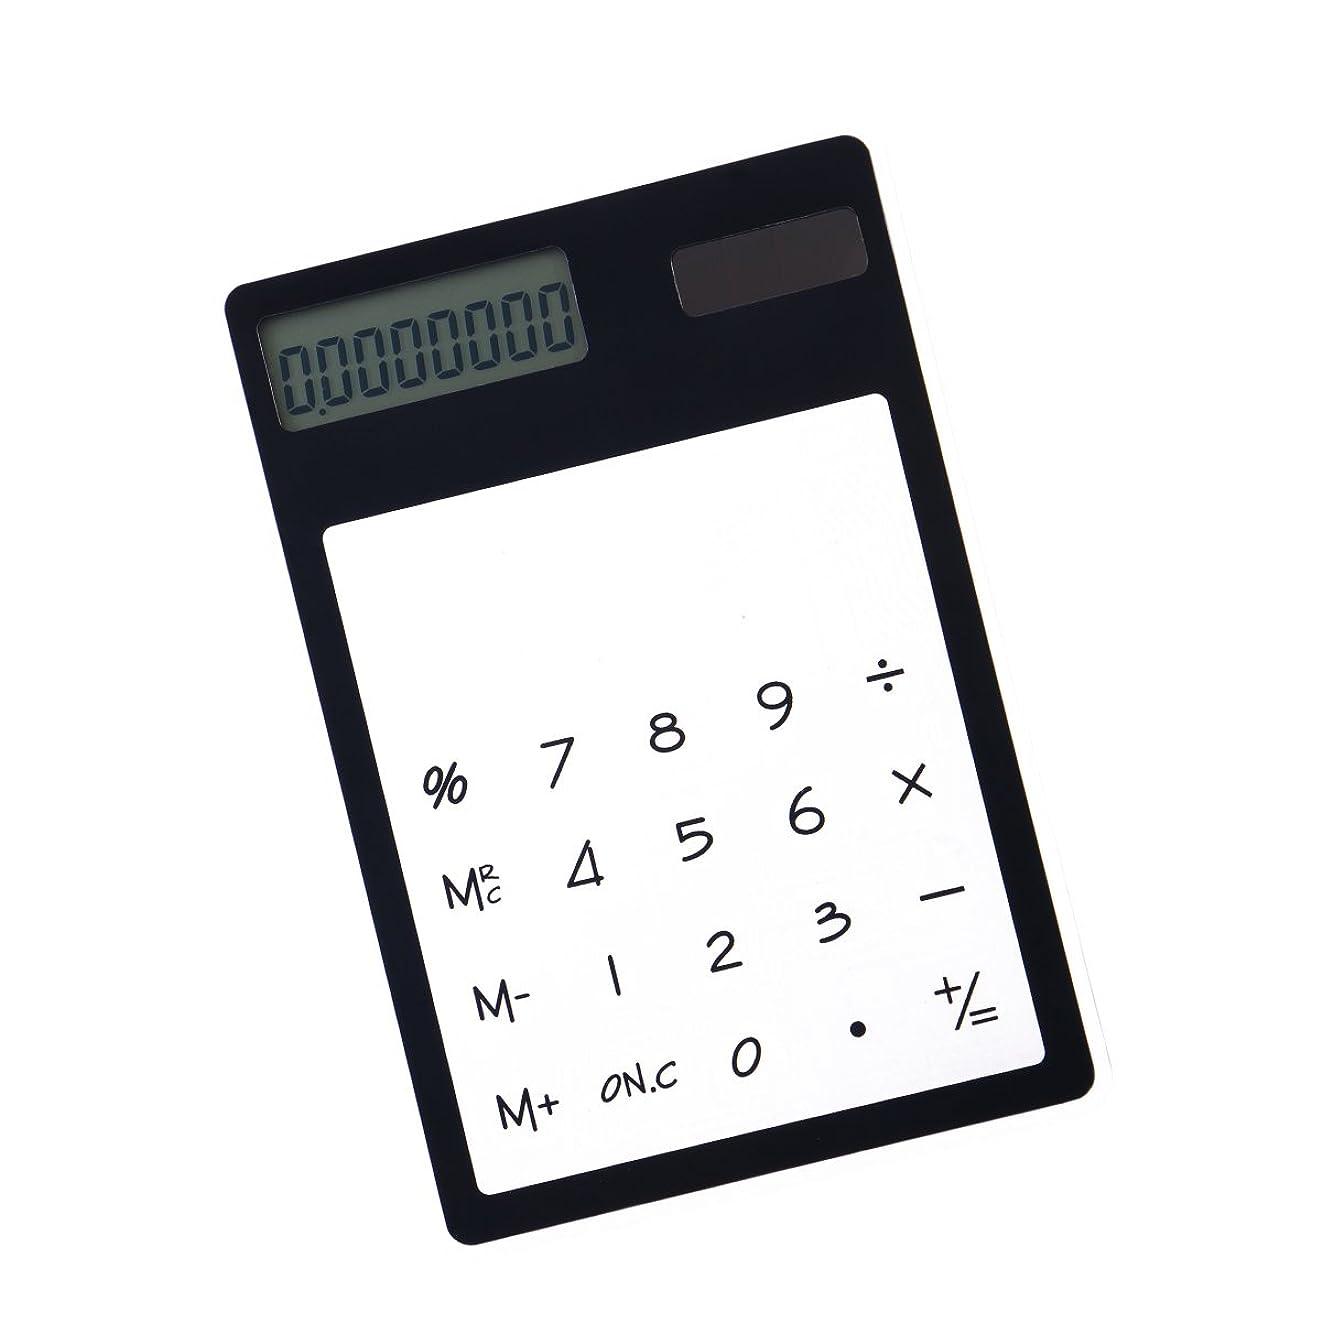 競争制限嫌がらせfrcolor Solar Powered電卓Unique透明タッチパネルデザインSmall電卓 11.9 x 8.1 x 0.5cm ブラック WJU084JRC38Y18BC4SS